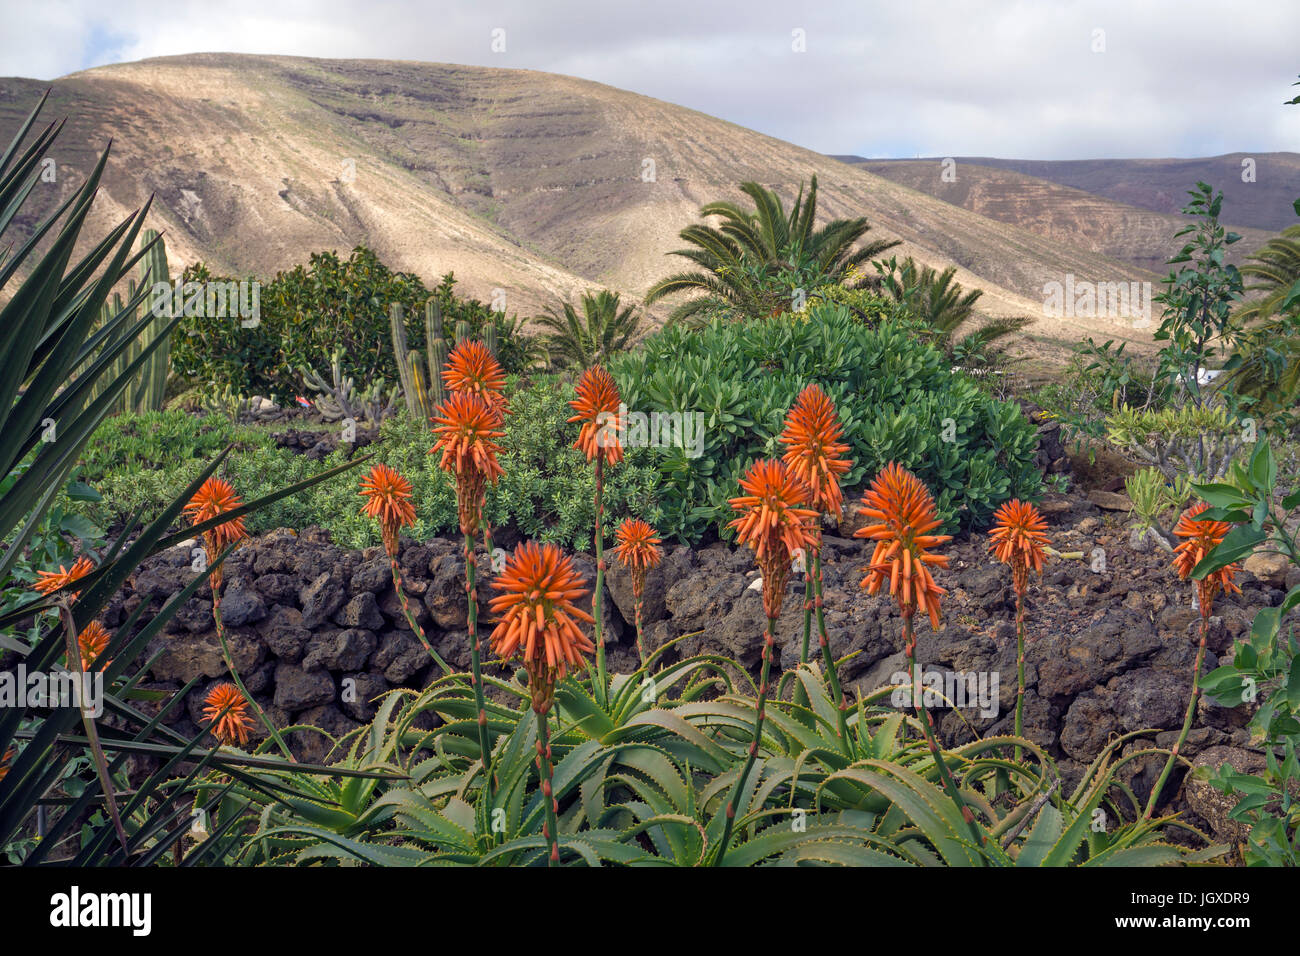 Bluehende Echte Aloe (Aloe vera, Aloe barbadensis) am Pardela Park, Las Pardelas, Lanzarote, Kanarische Inseln, - Stock Image